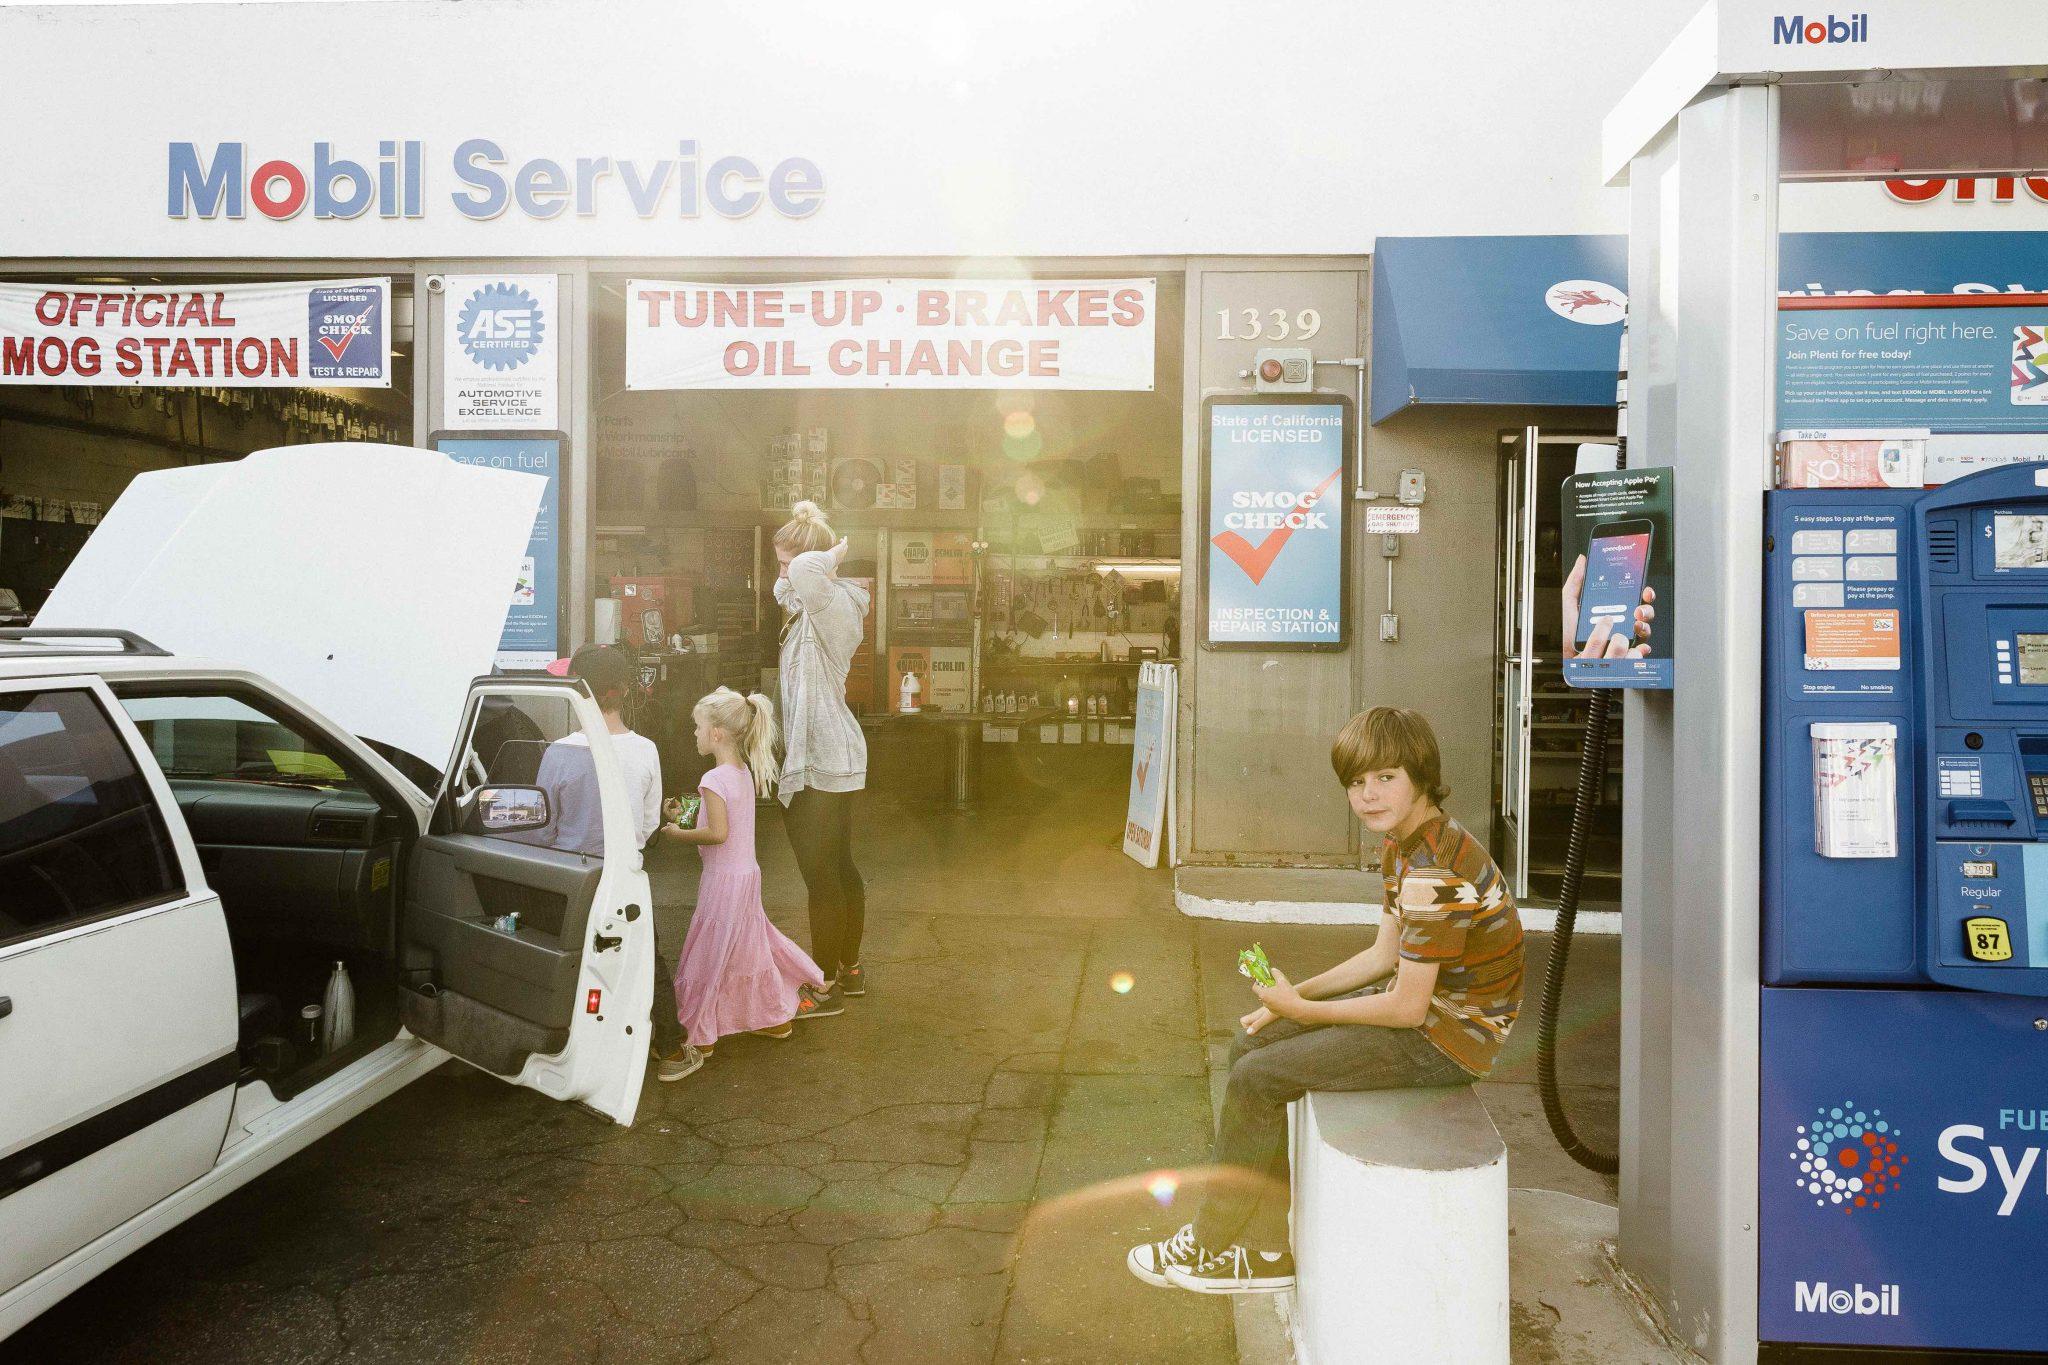 KellySwedaPhotography.Hannah_Cousins-6139 copy